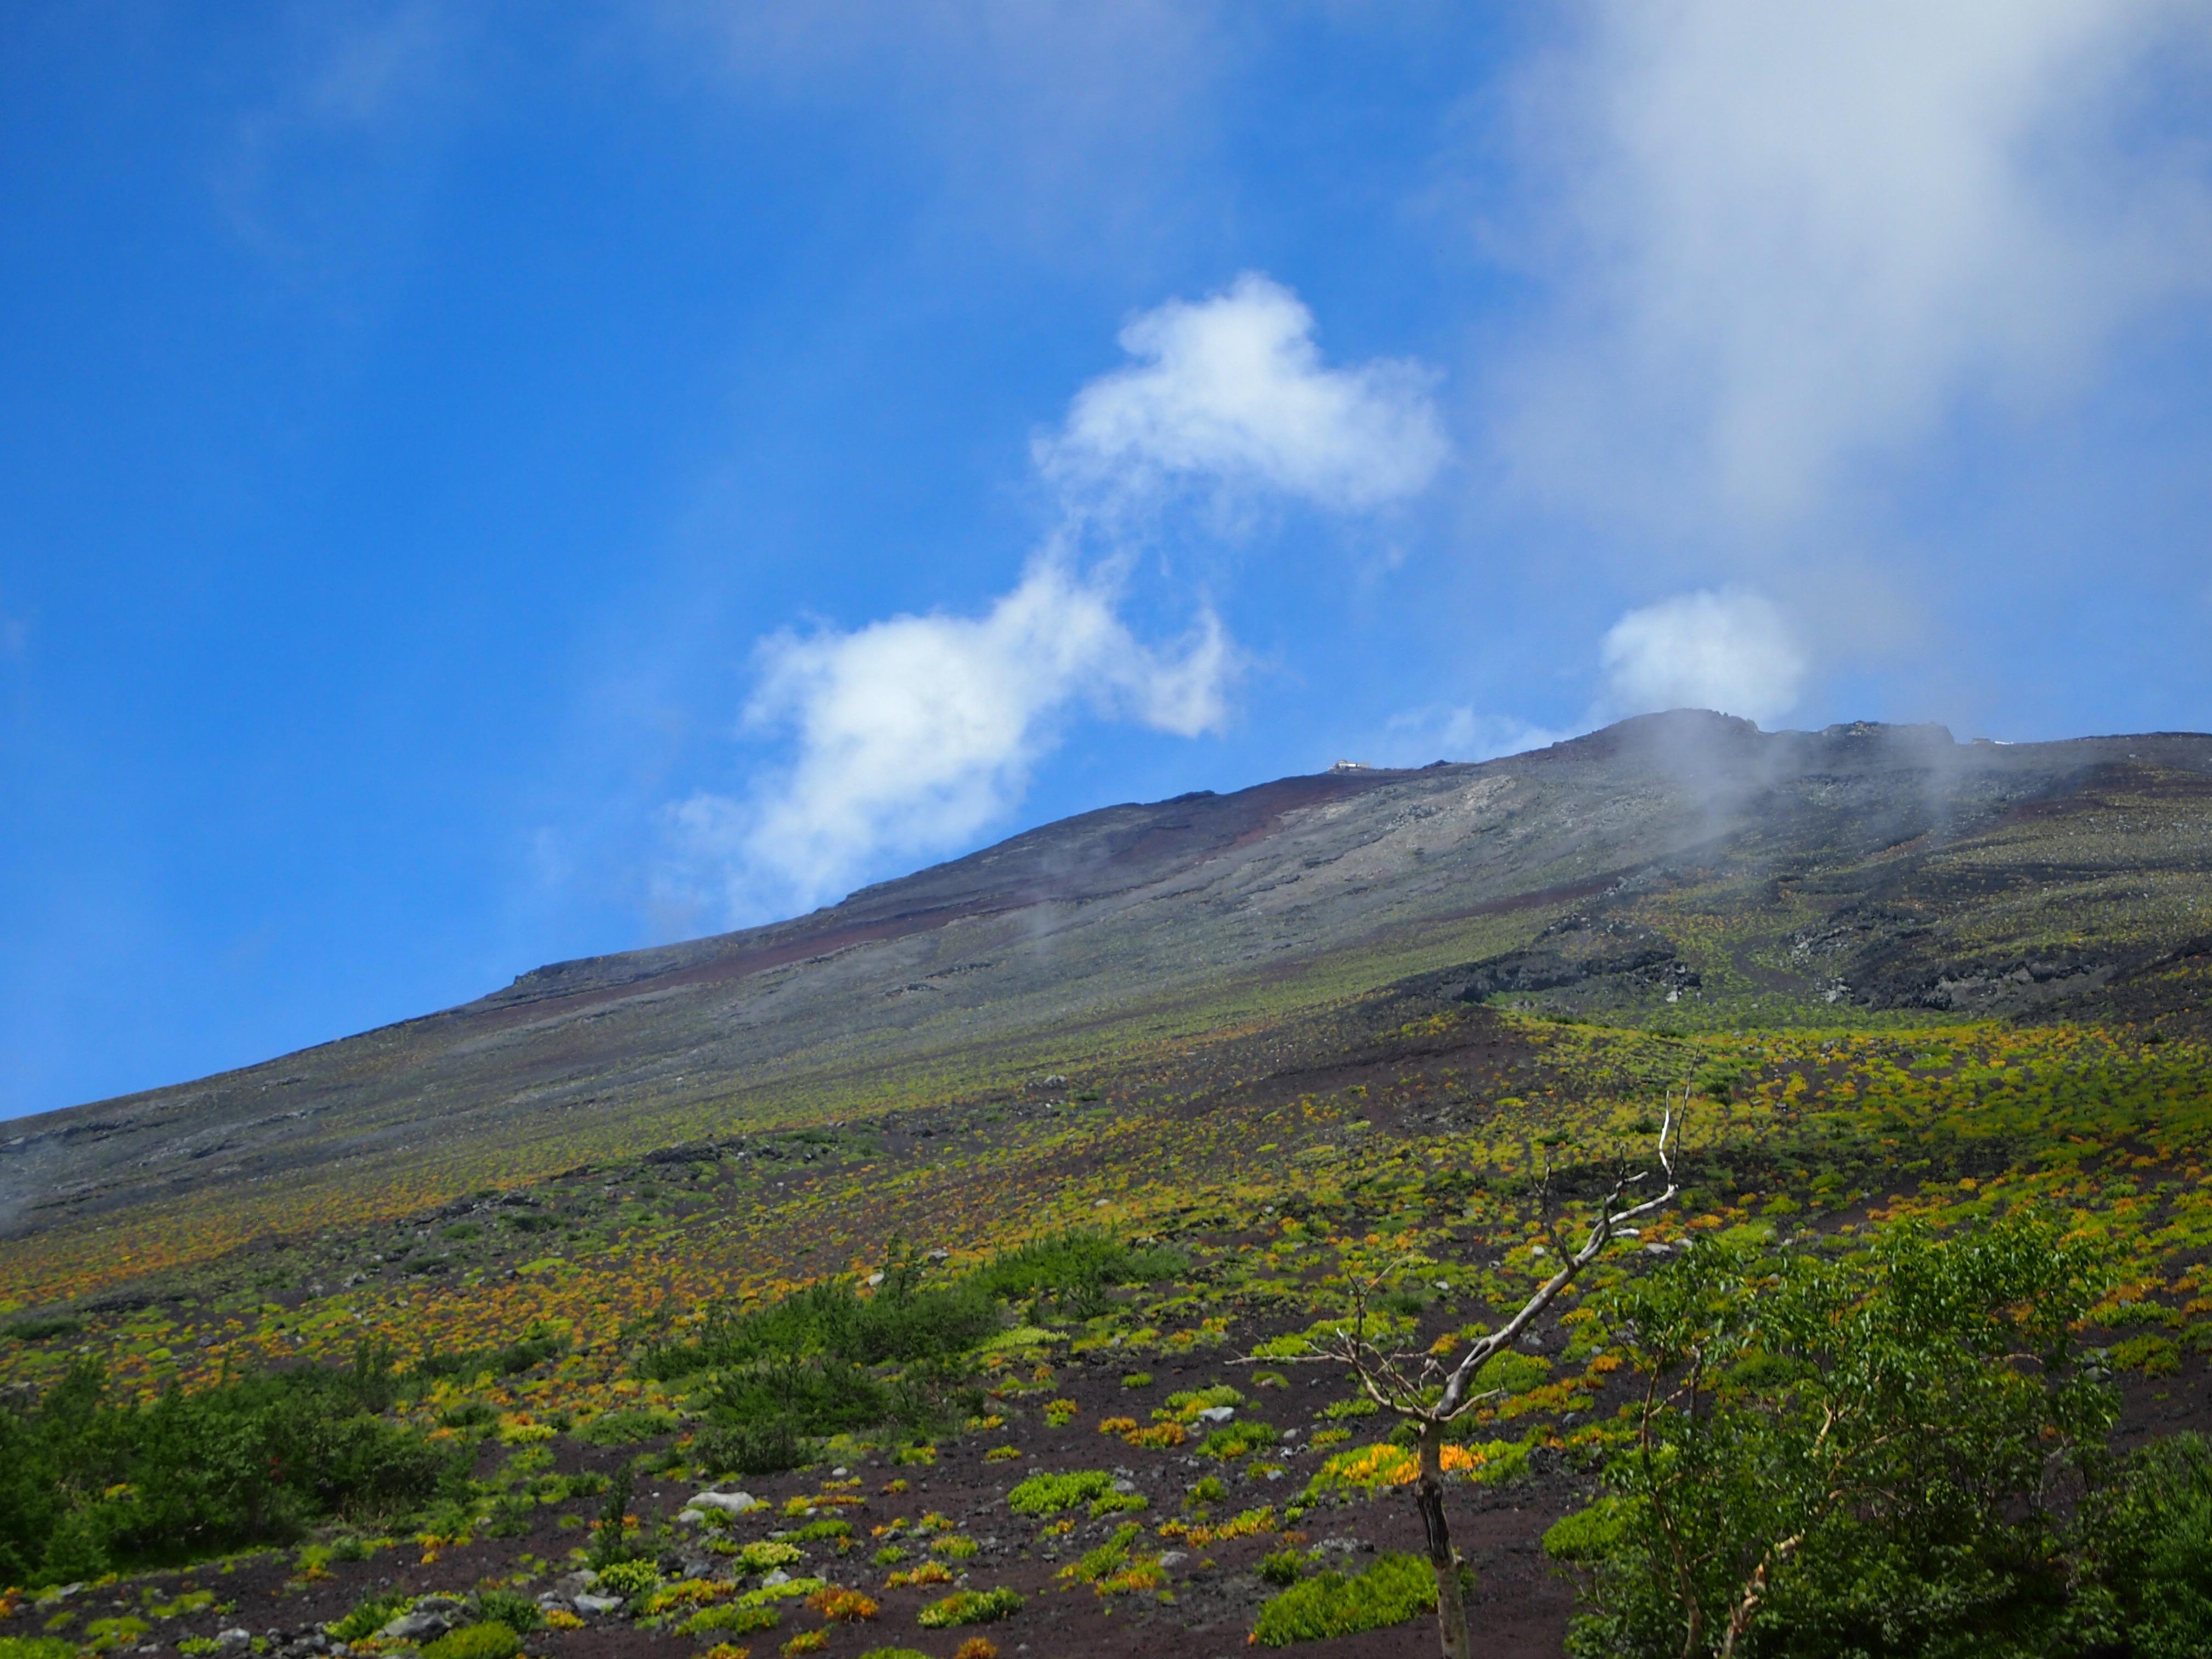 これも一昨年。天気がよければ登り口から山頂まで見渡せます